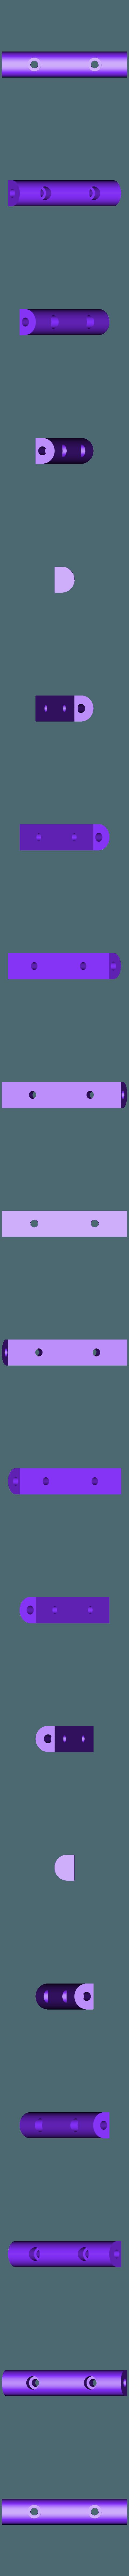 bottom_axle_x2.stl Télécharger fichier STL gratuit Ghostbuster Ghostbuster Ghosttrap • Modèle pour impression 3D, SLIDES